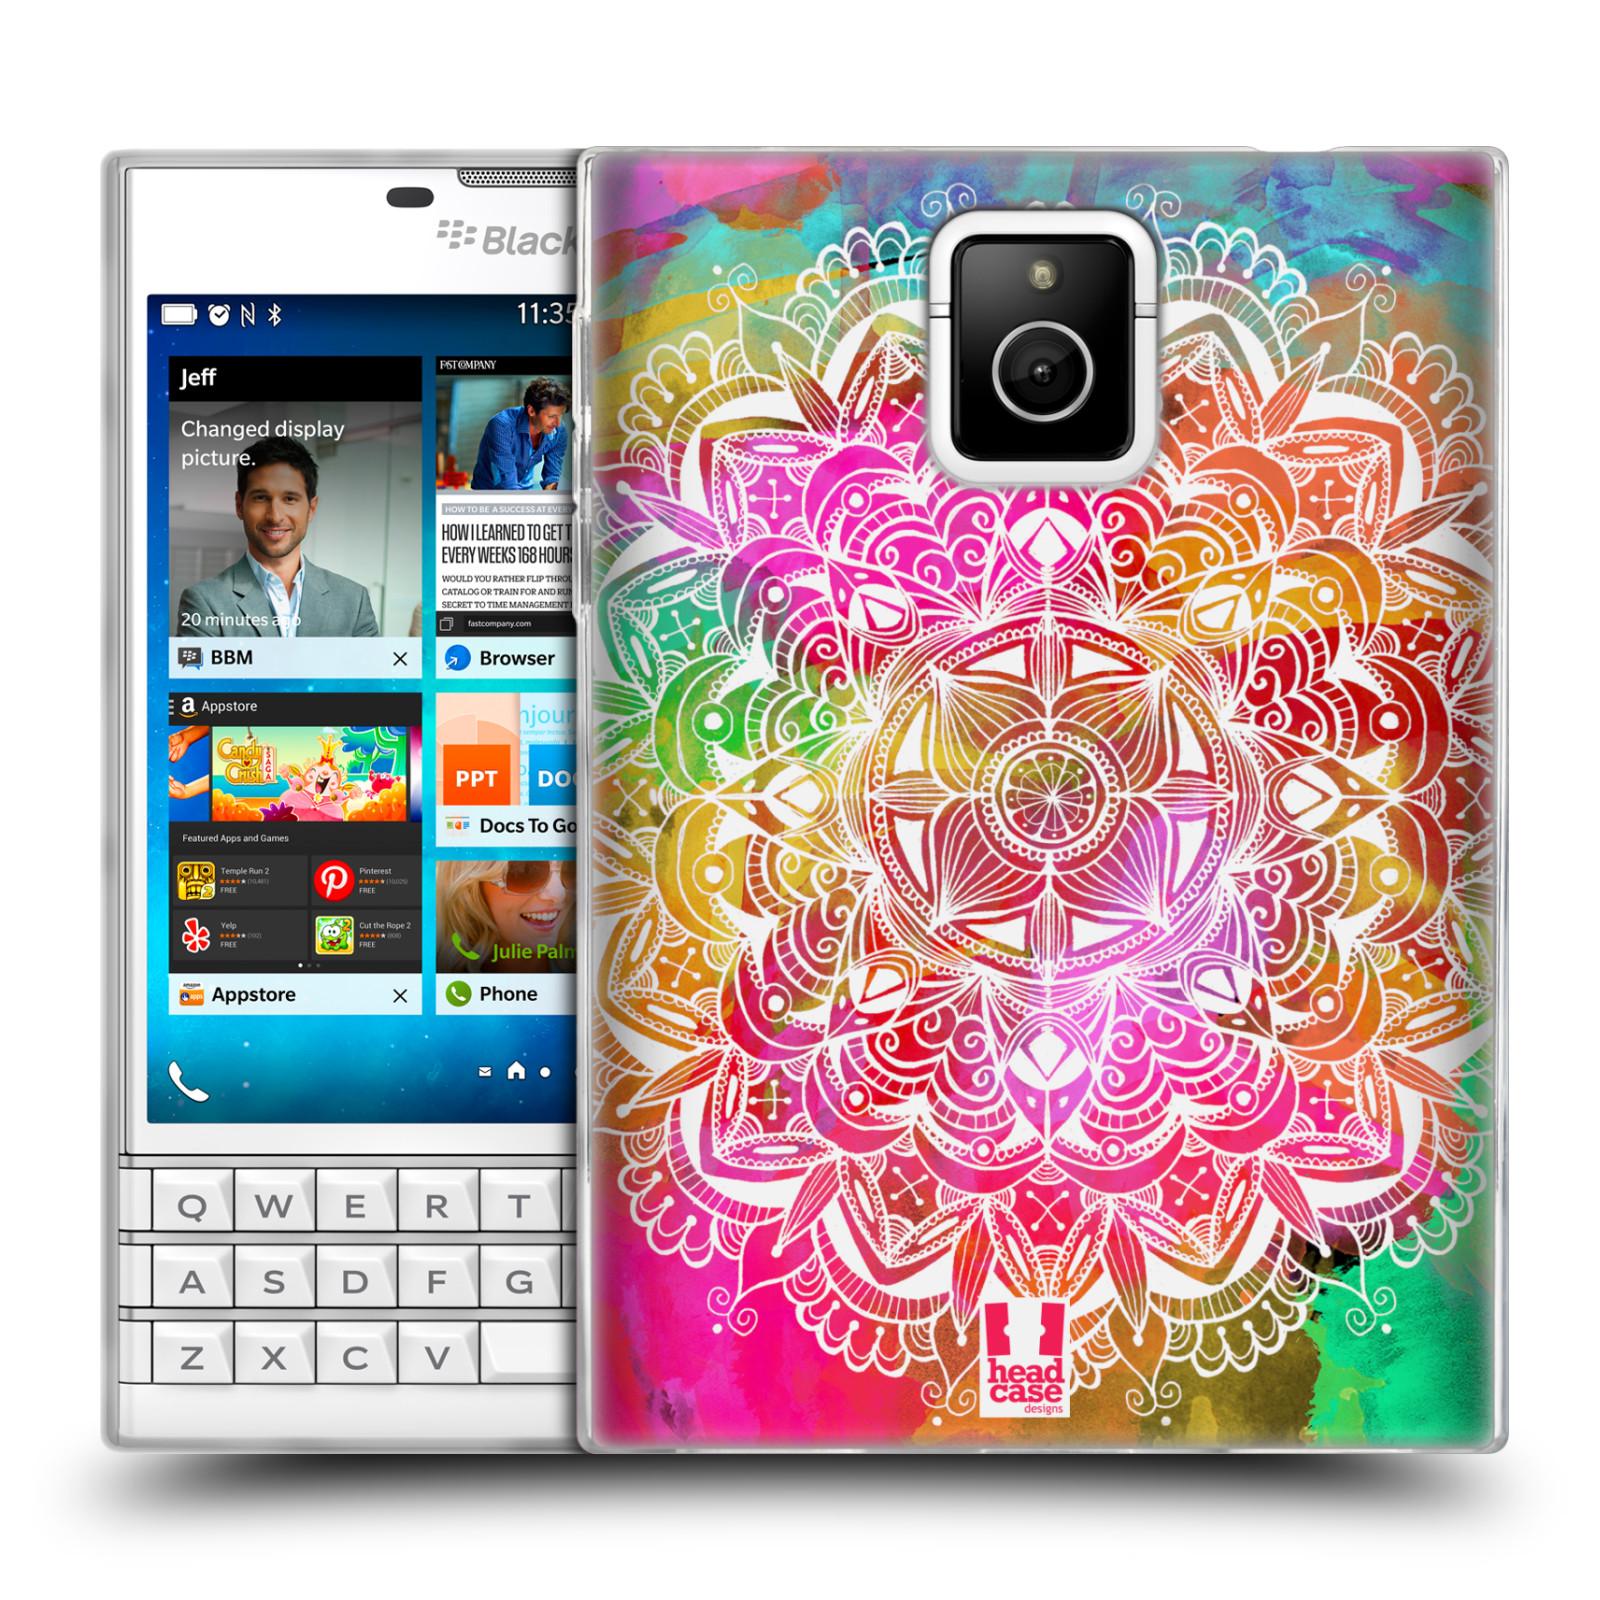 Silikonové pouzdro na mobil Blackberry PASSPORT HEAD CASE Mandala Doodle Watercolour (Silikonový kryt či obal na mobilní telefon Blackberry PASSPORT)